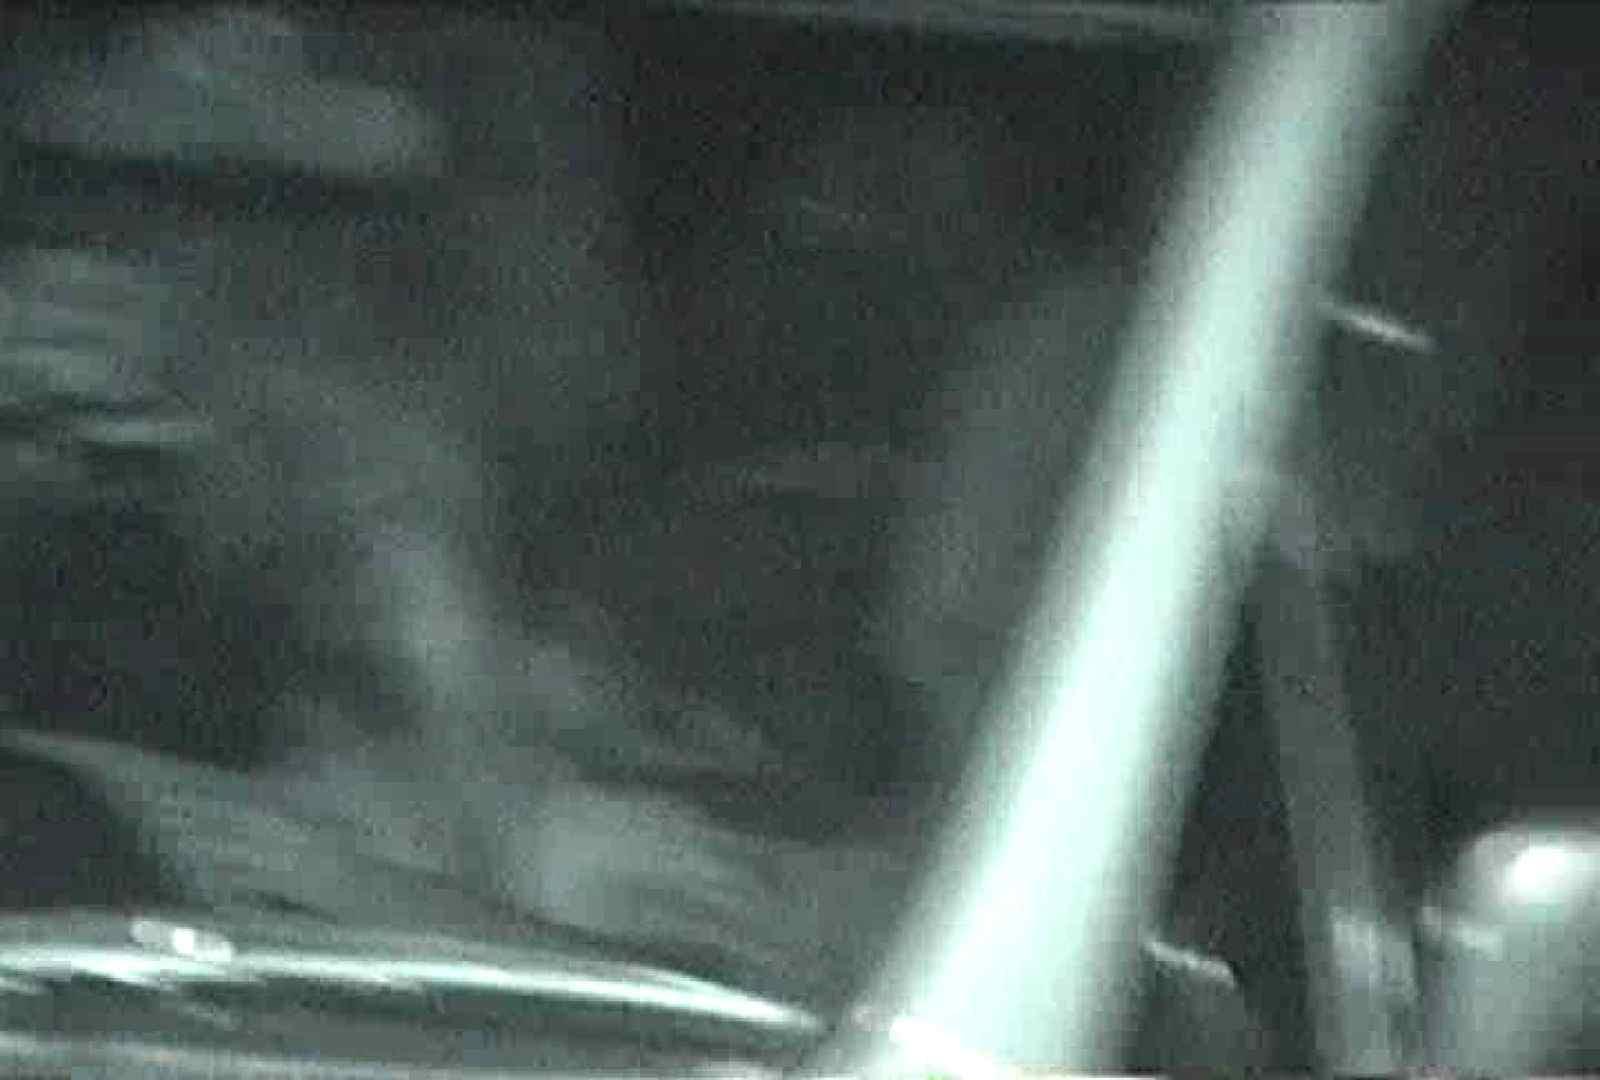 充血監督の深夜の運動会Vol.87 無修正マンコ | OLエロ画像  84PICs 59